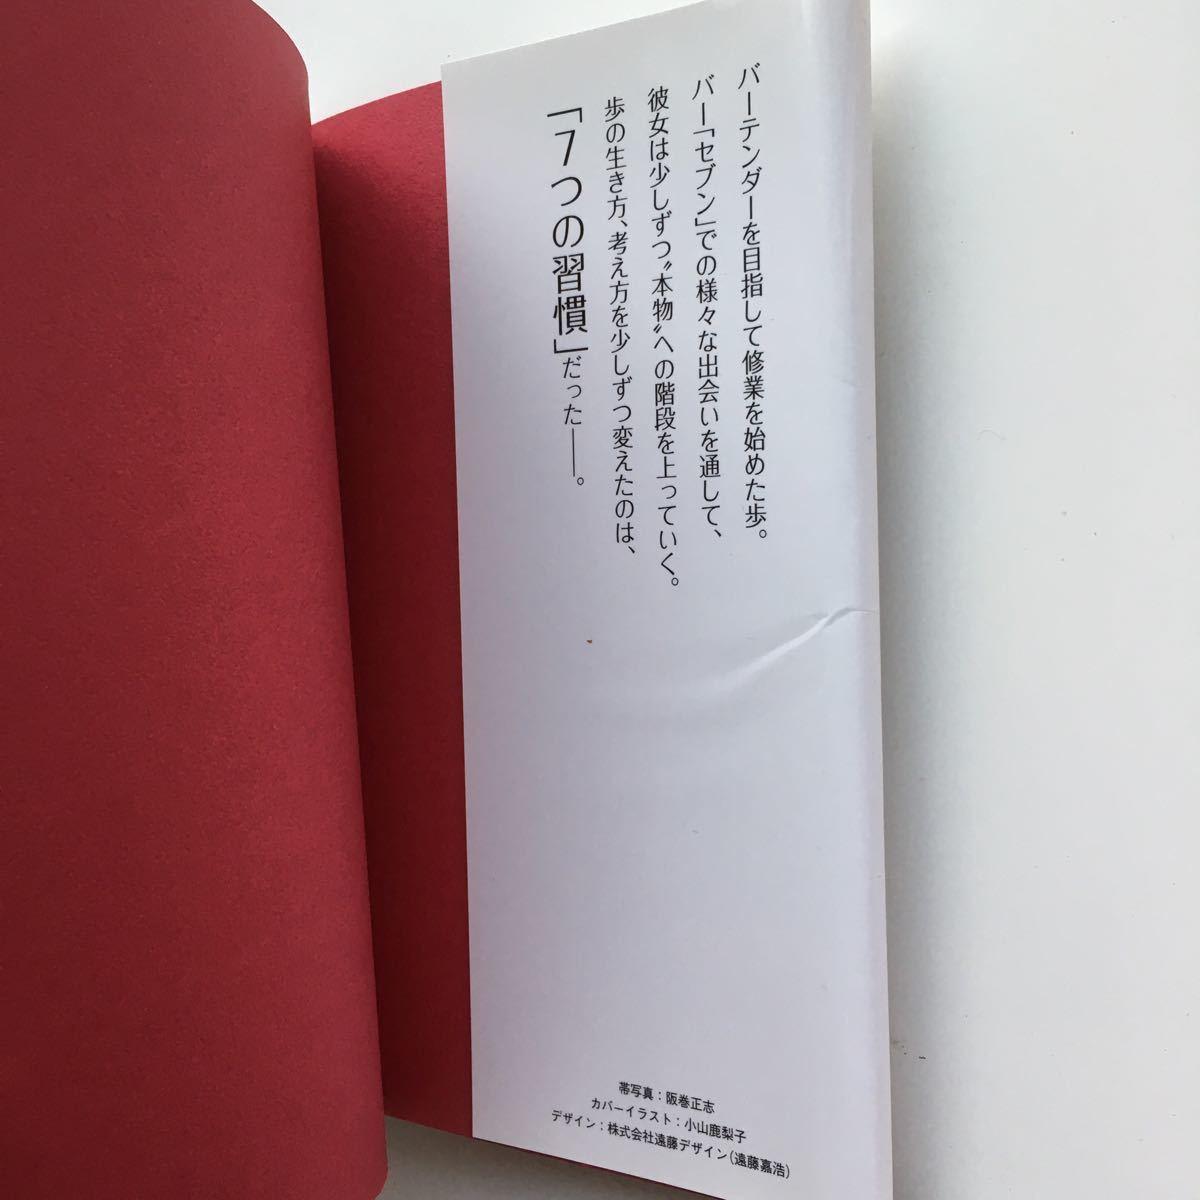 まんがでわかる7つの習慣 著/フランクリンコヴィージャパン